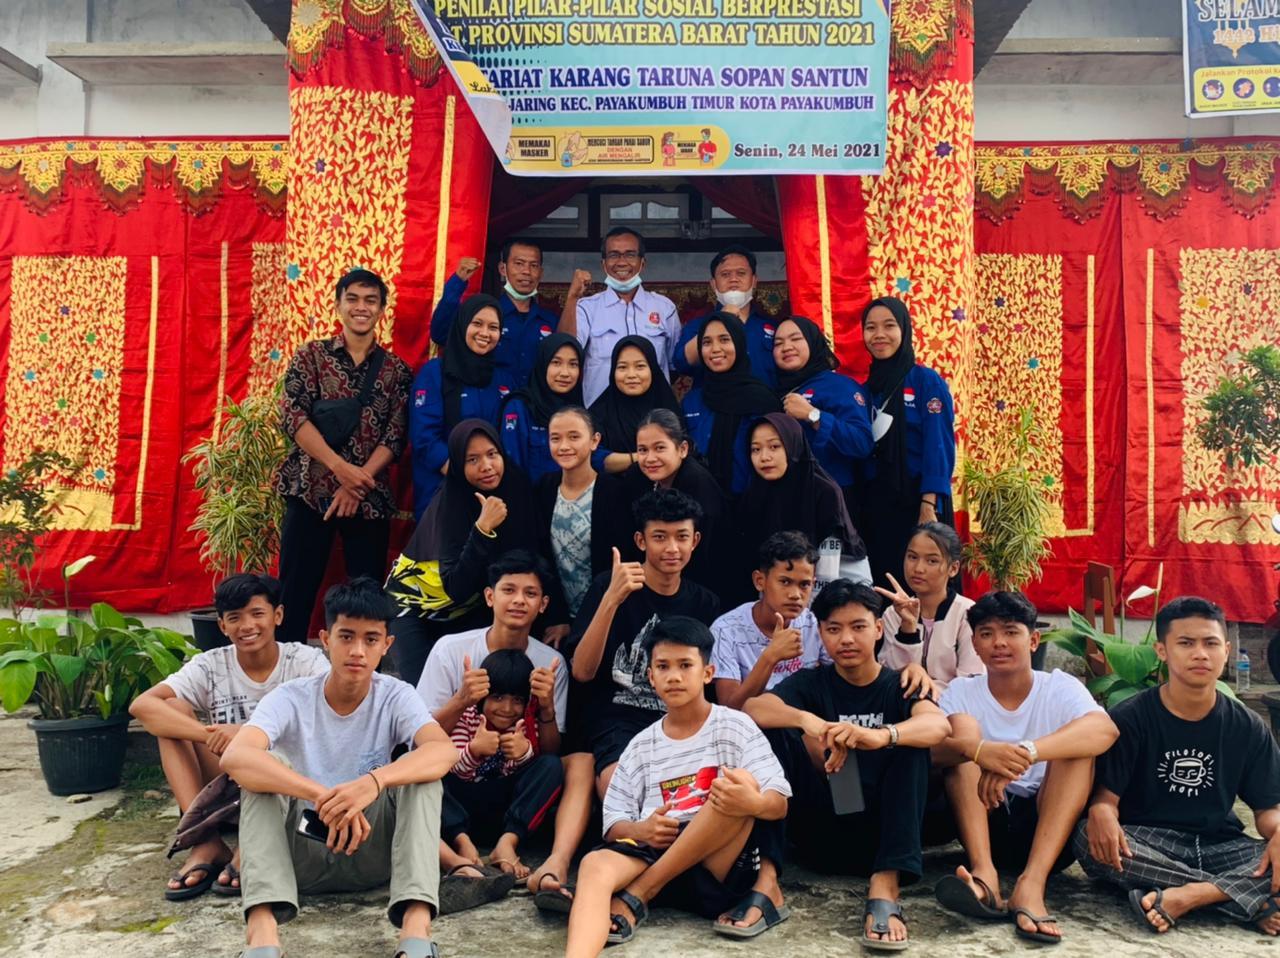 Karang Taruna Sopan Santun Baja Juara di Tingkat Provinsi Sumbar, Melaju ke Tingkat Nasional